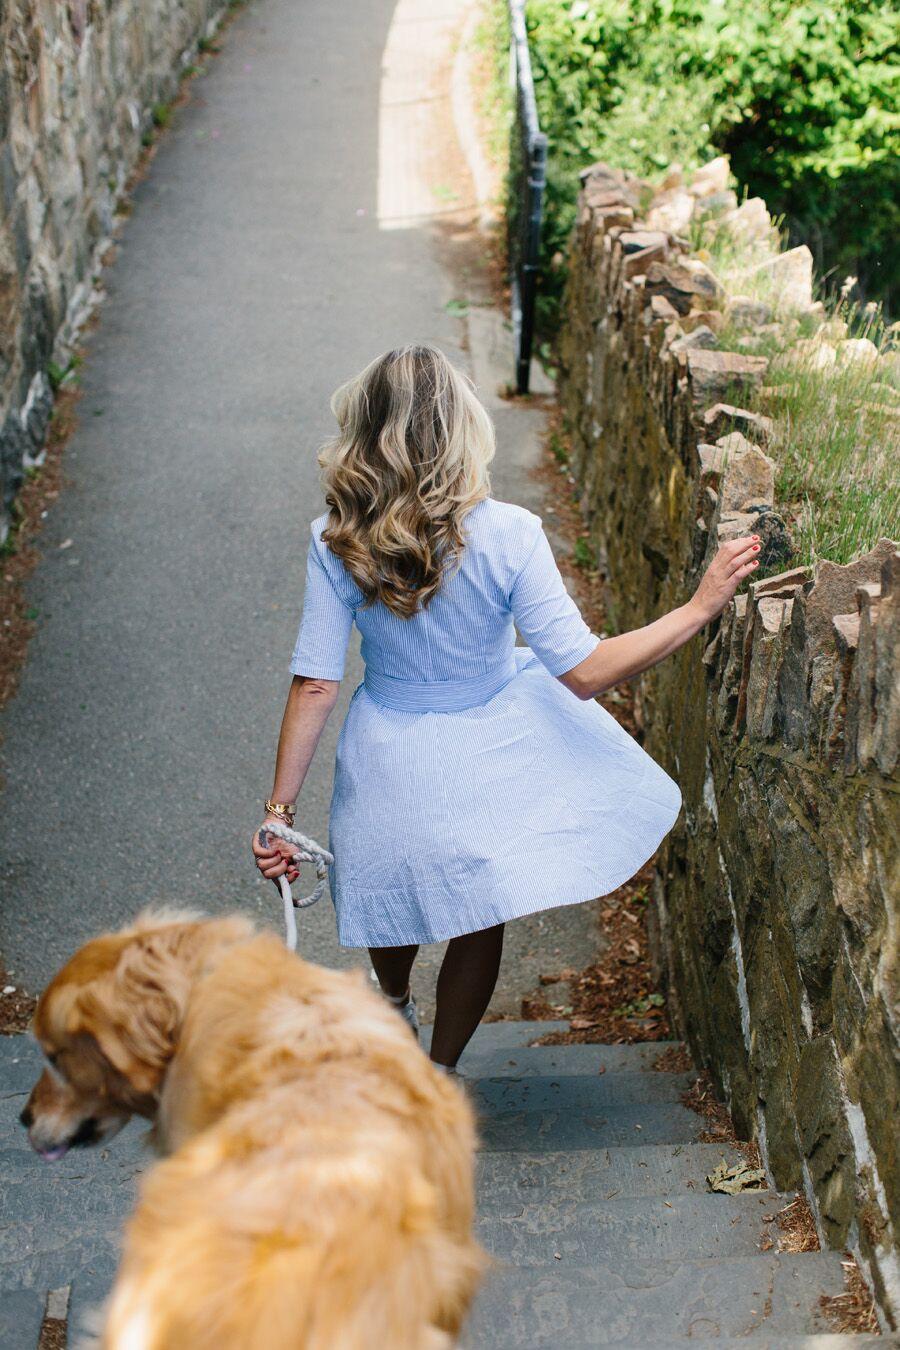 Summer Dress Edit Abby Capalbo Newport, Rhode Island